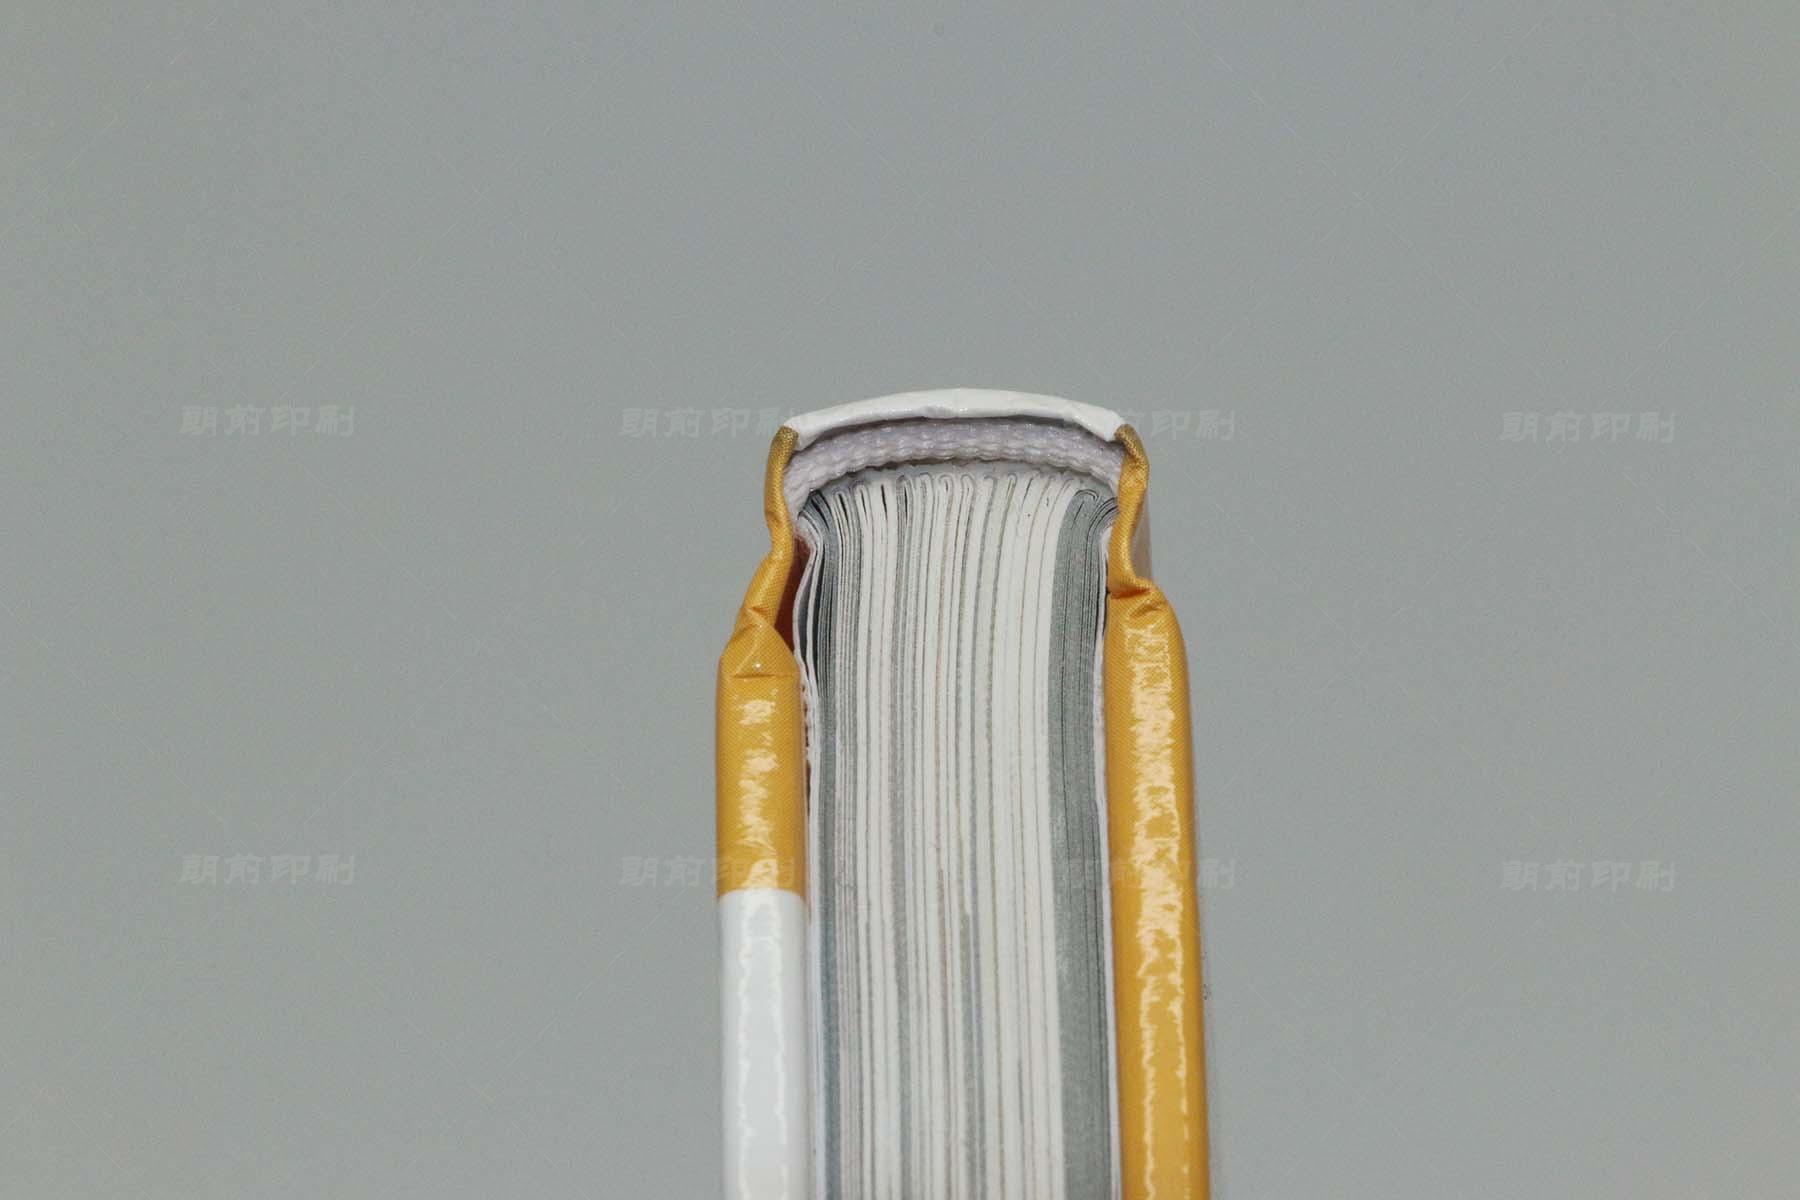 广州产品宣传画册印刷厂 广州宣传画册印刷